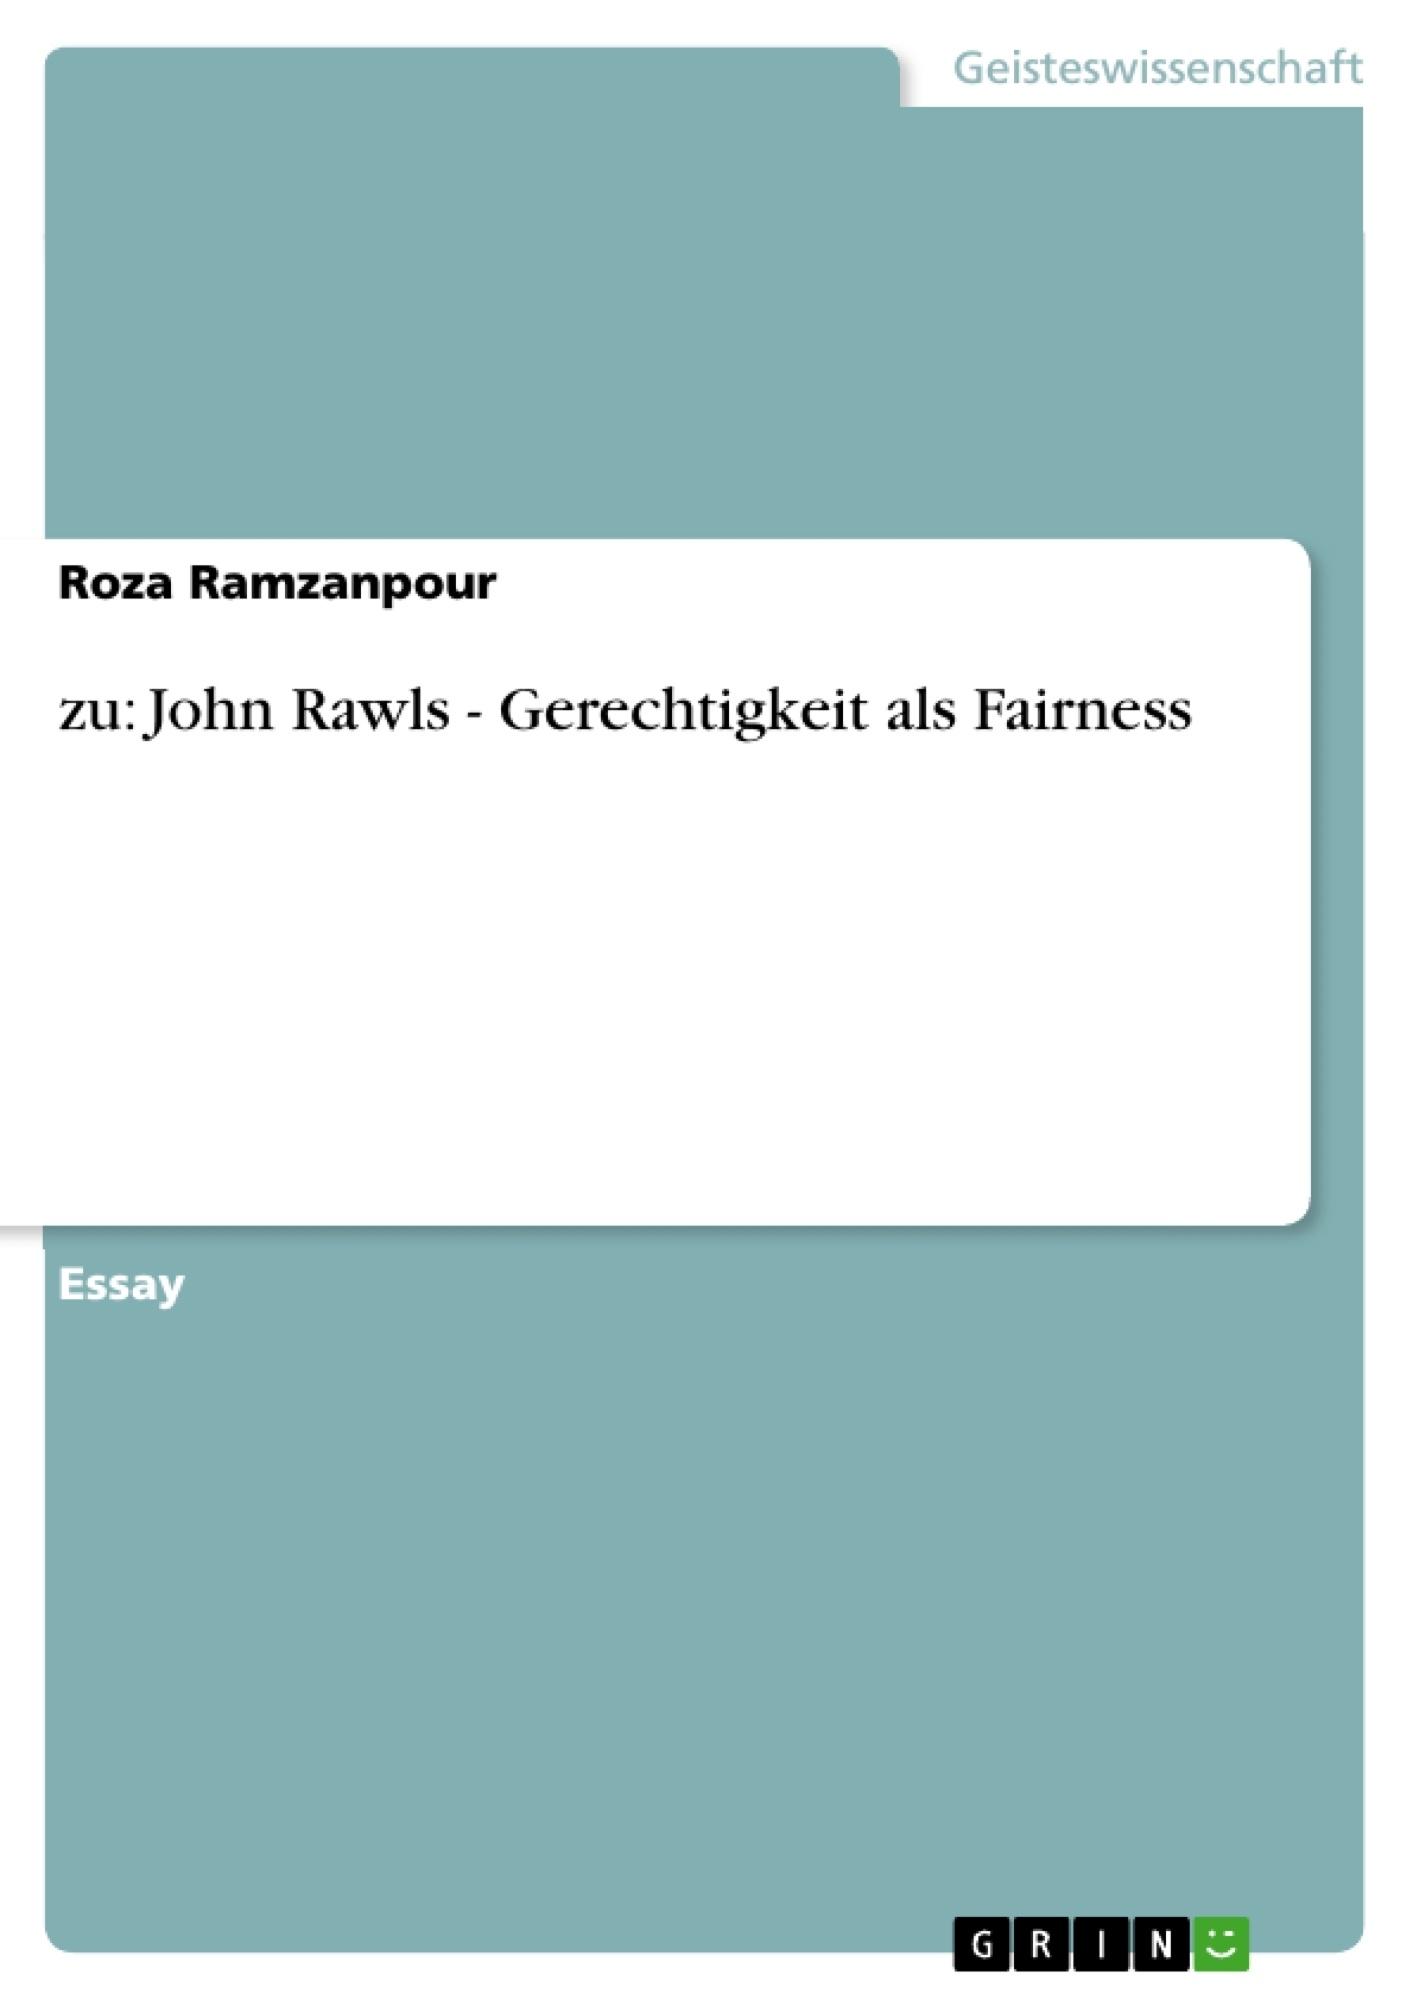 Titel: zu: John Rawls - Gerechtigkeit als Fairness